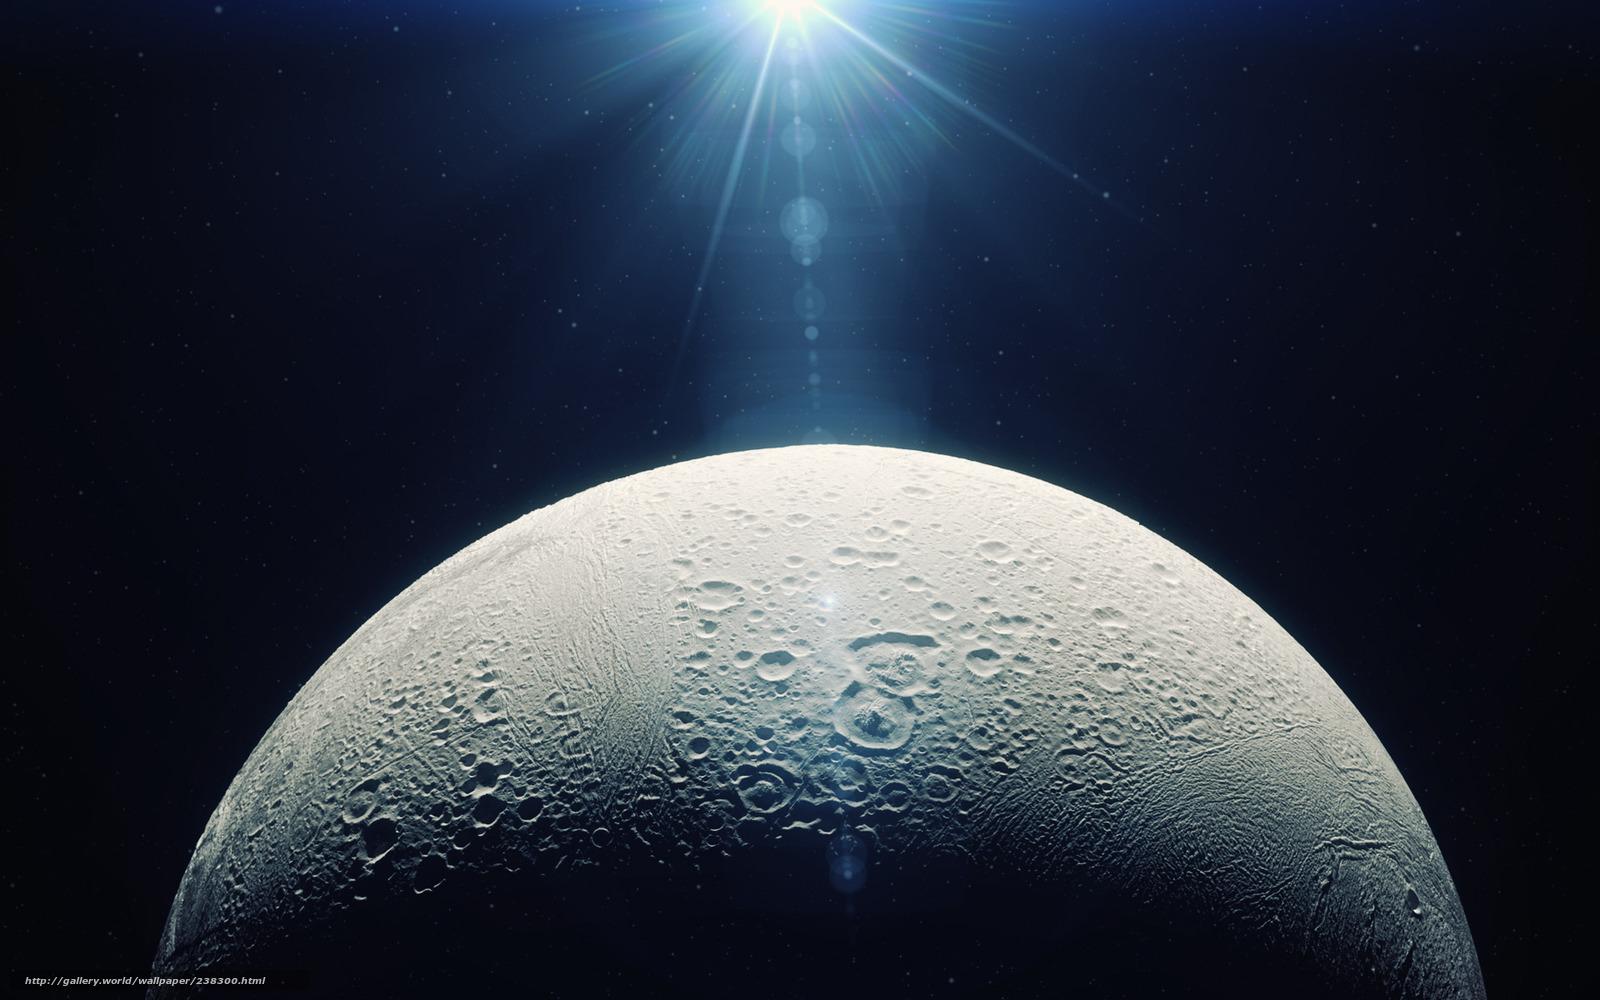 壁紙をダウンロード スペース 土星 デスクトップの解像度のための無料壁紙 19x10 絵 2300